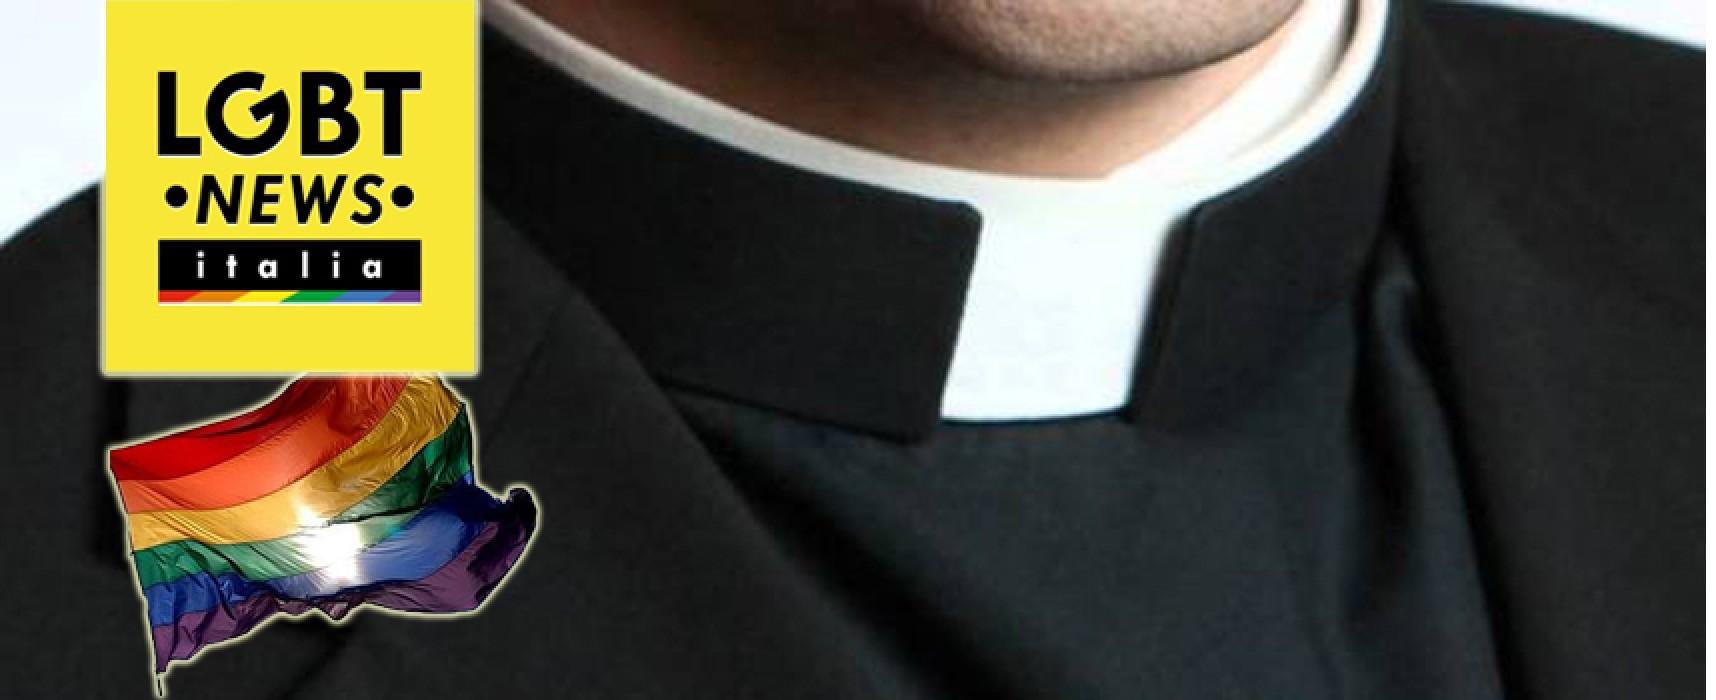 """LGBT News Italia raccoglie nuove testimonianze contro il prete biscegliese: """"Disumano ed ipocrita"""""""